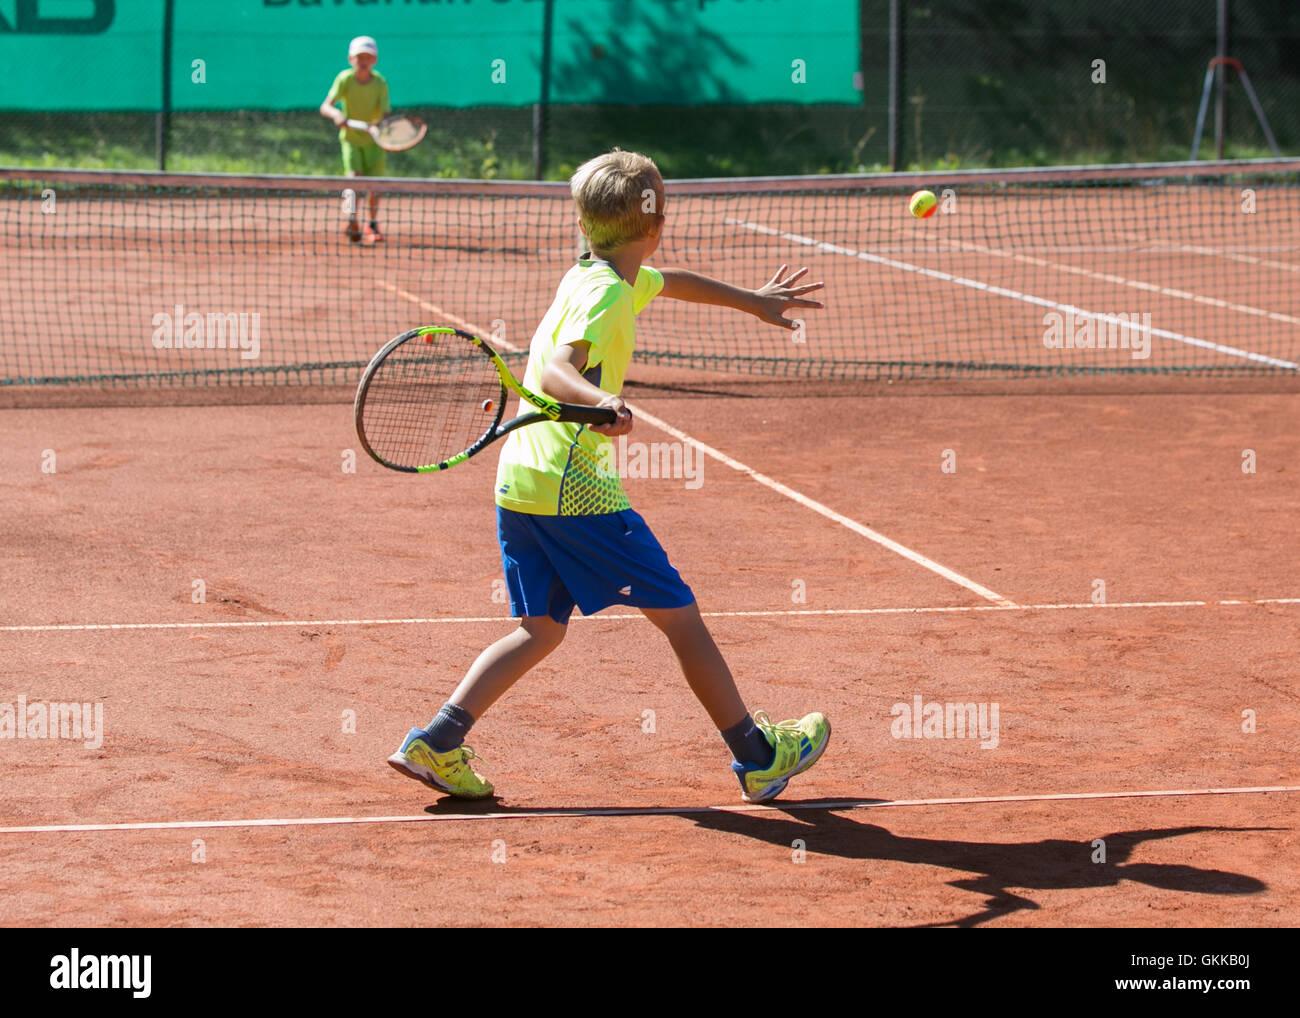 Les jeunes garçons à jouer au tennis. Photo Stock